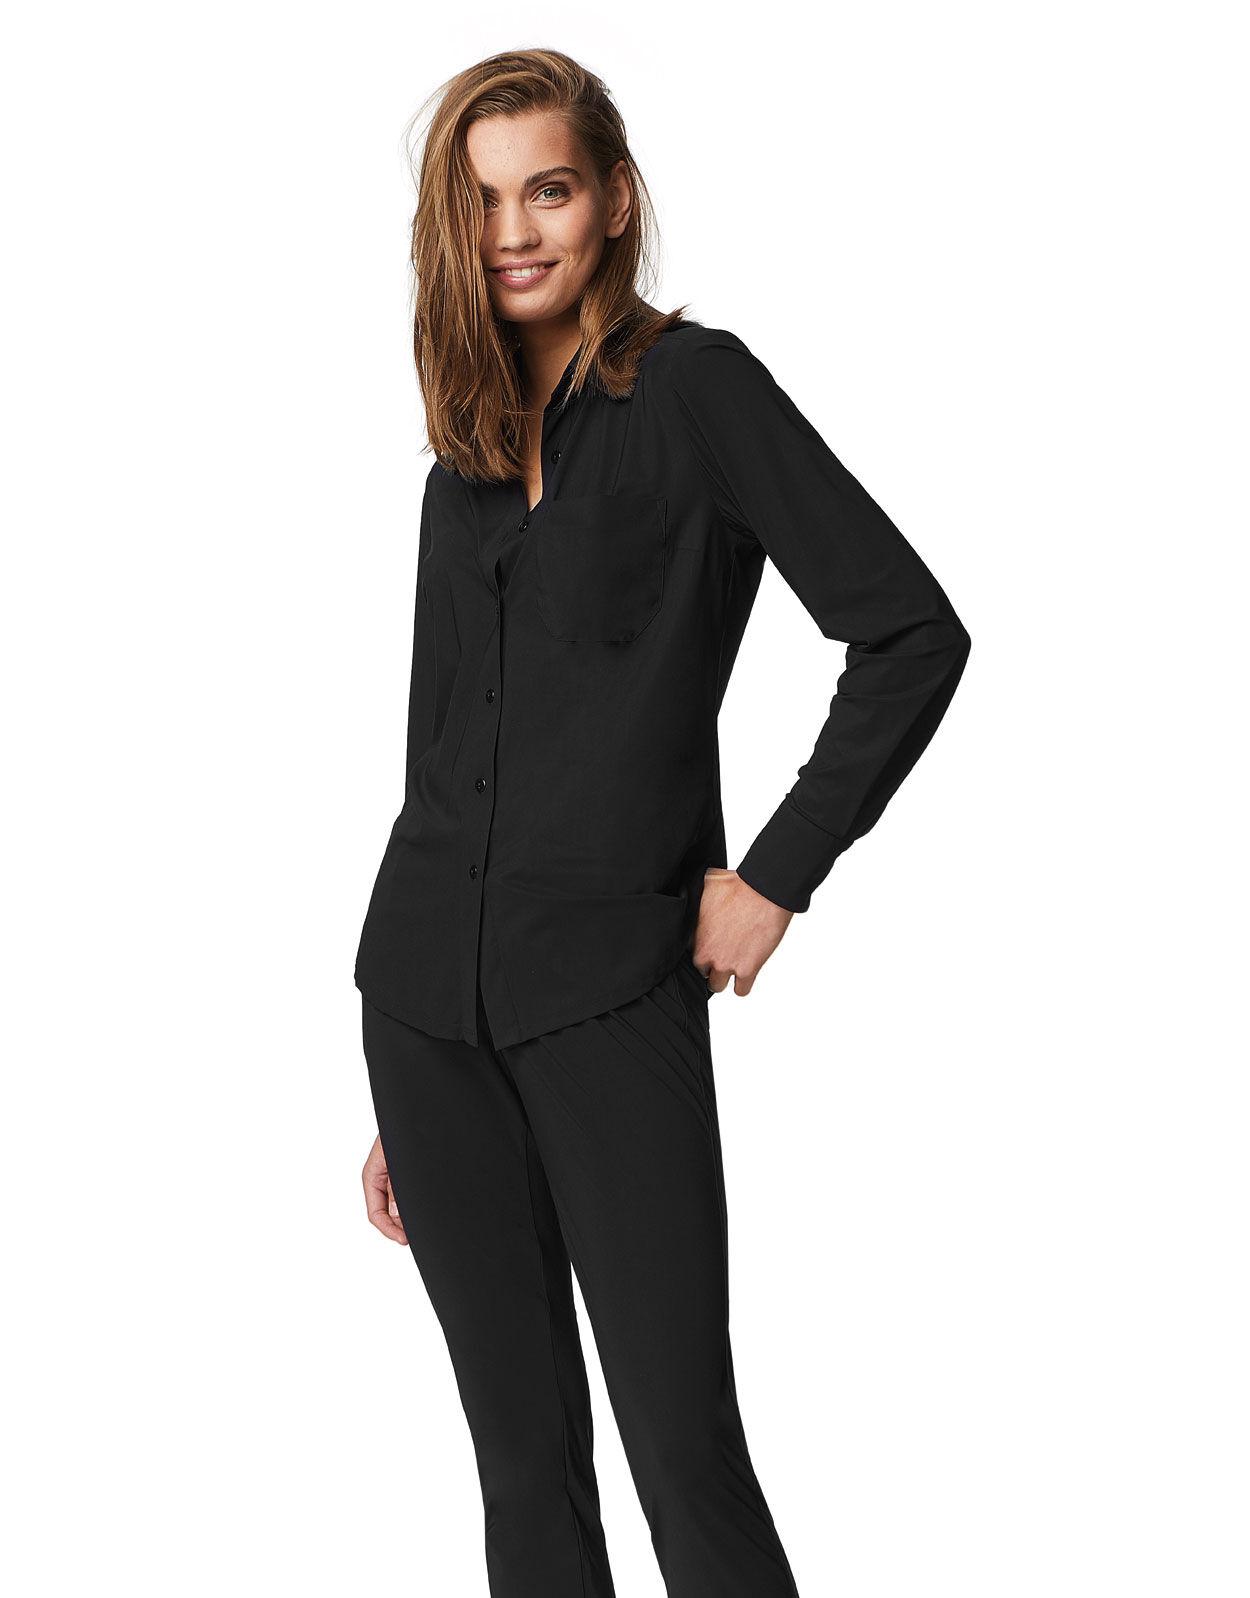 Abbildung von LaDress Annie bluse aus jersey lycra schwarz